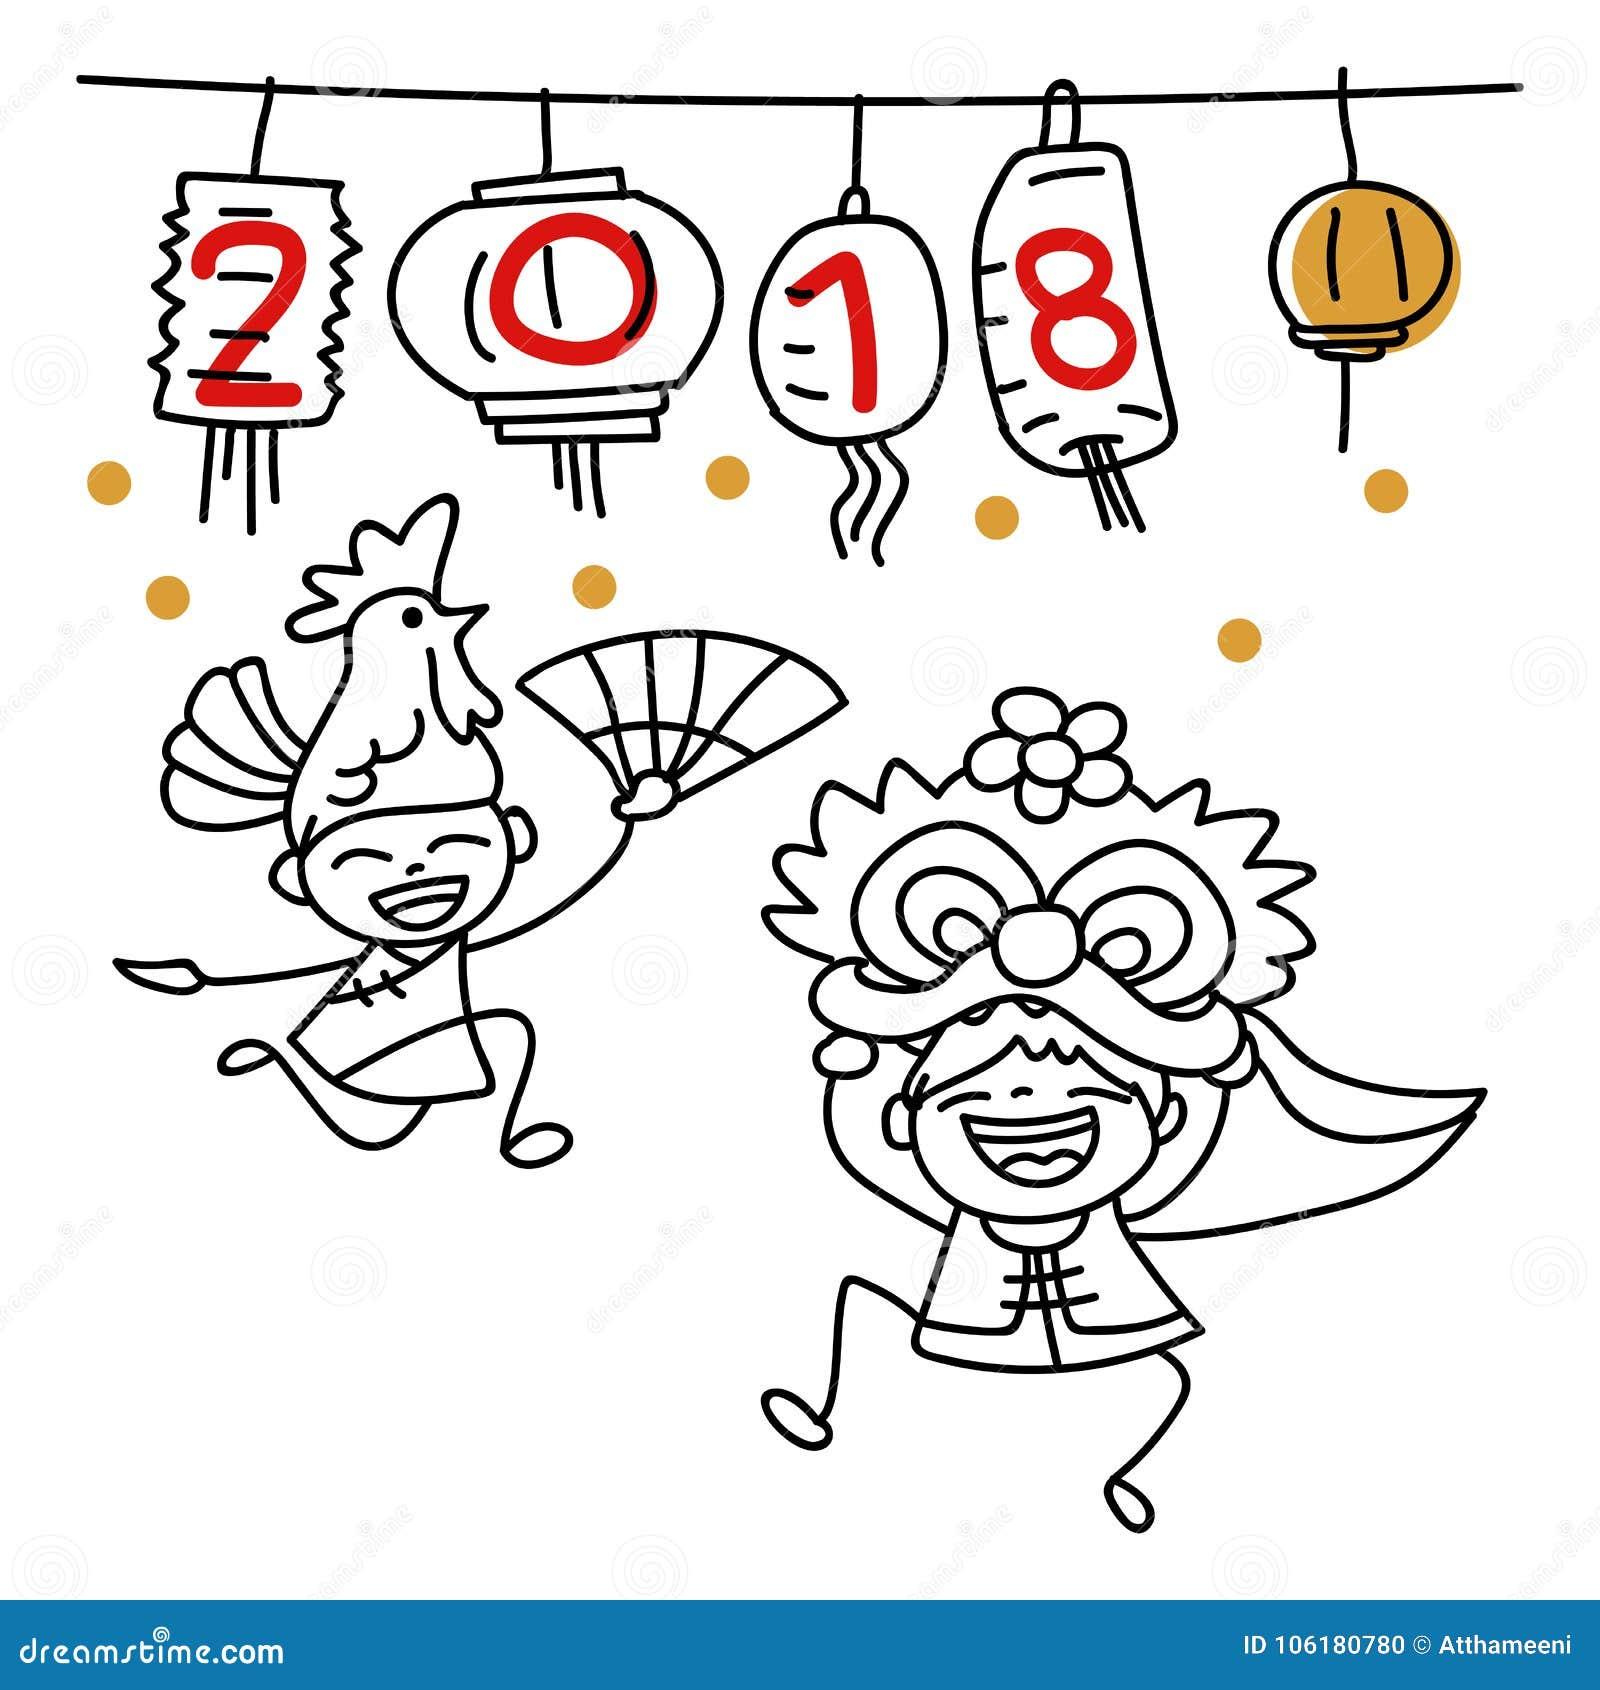 Dé a gente del personaje de dibujos animados del dibujo el Año Nuevo chino feliz 201